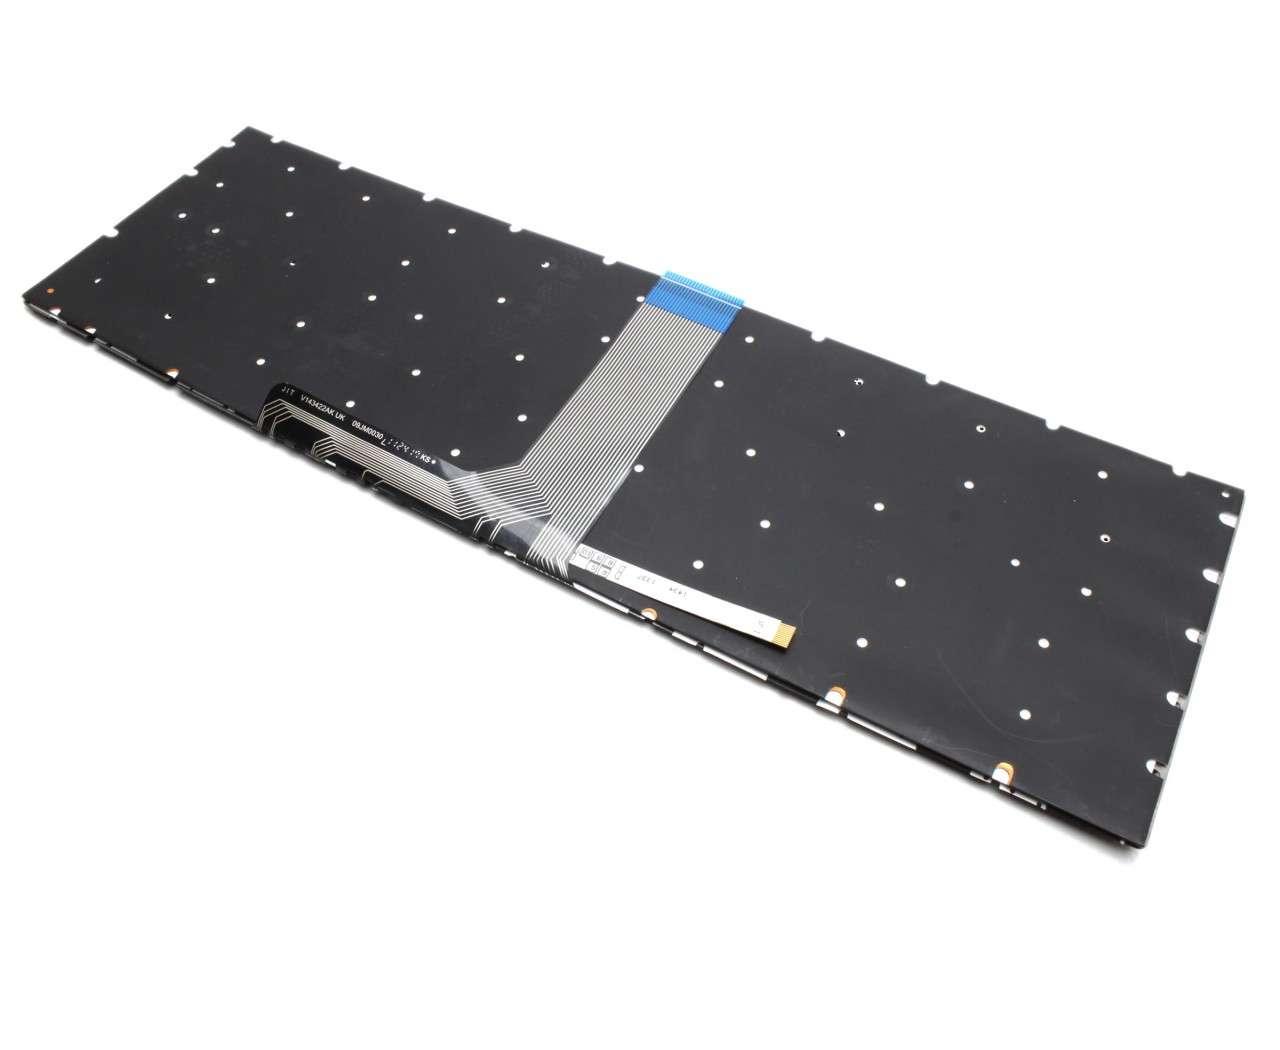 Tastatura MSI GE73 iluminata backlit